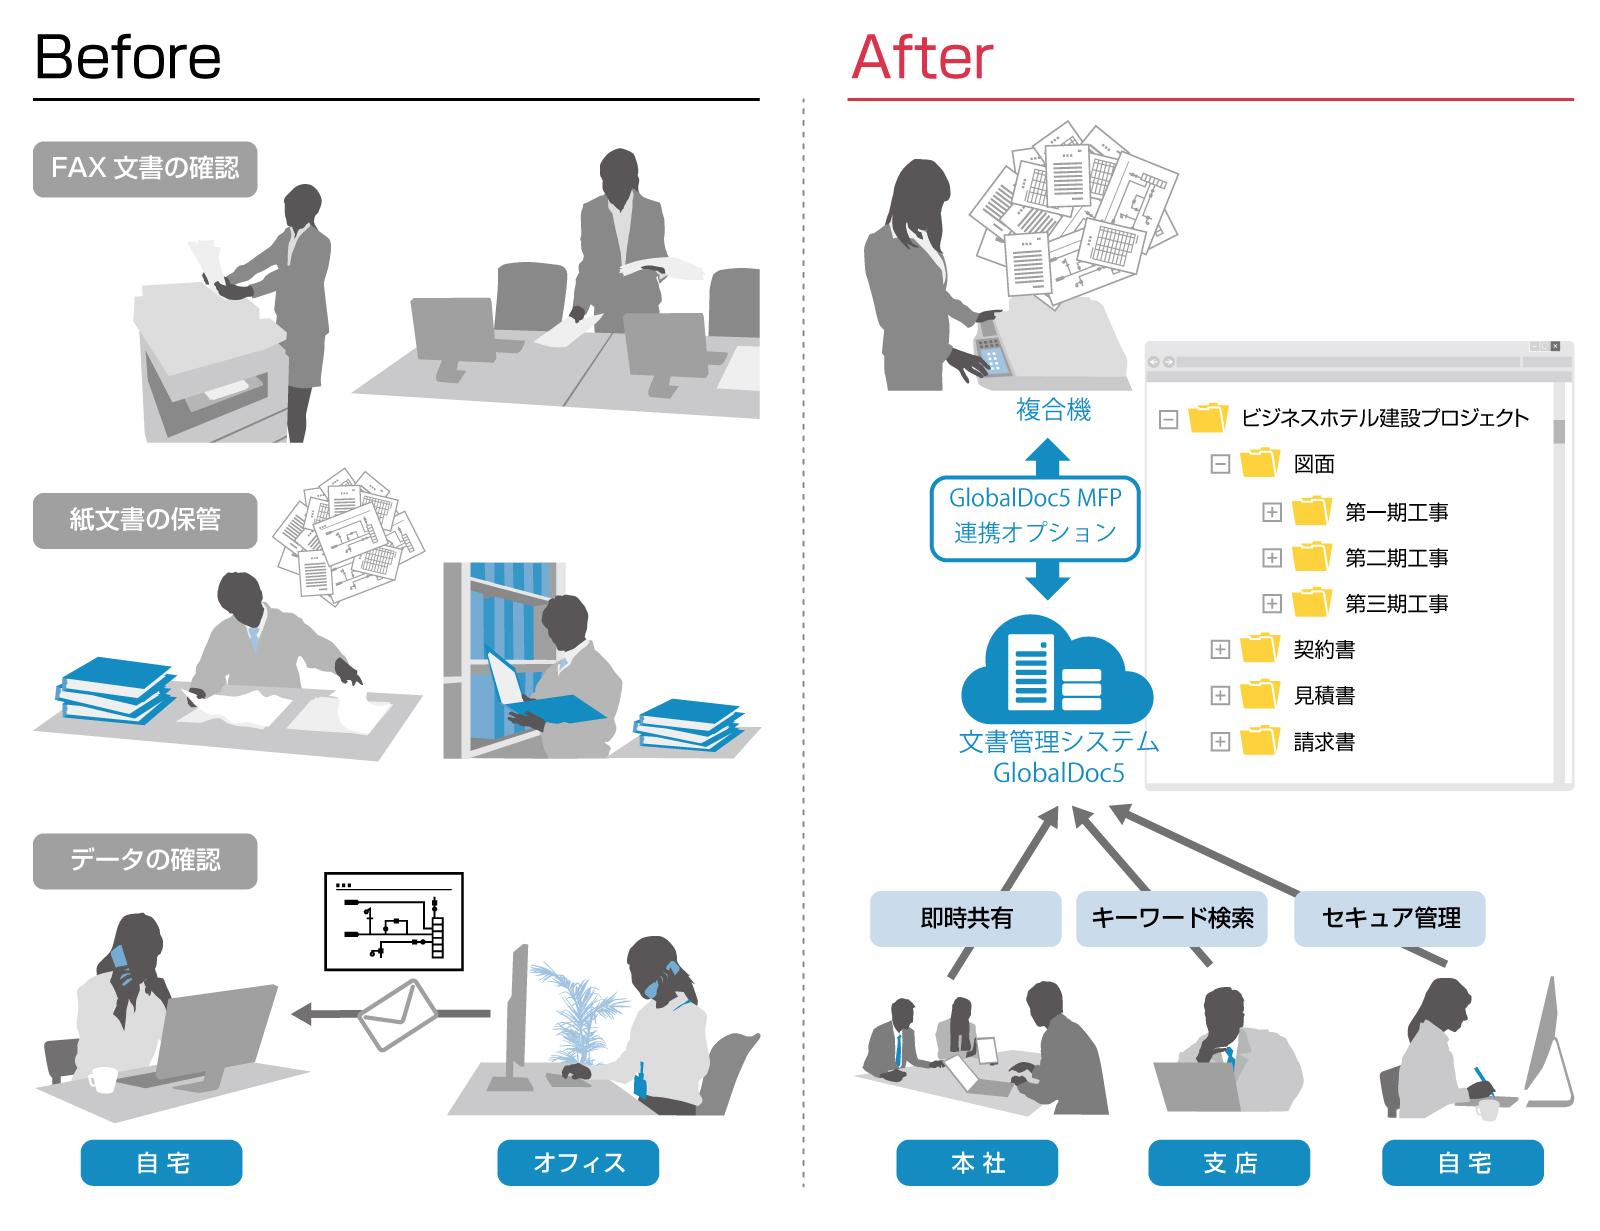 複合機と文書管理システムをシームレスに連携させる「GlobalDoc5 MFP連携オプション」を提供開始~効率的な文書管理を支援するトータルドキュメントソリューションを強化~